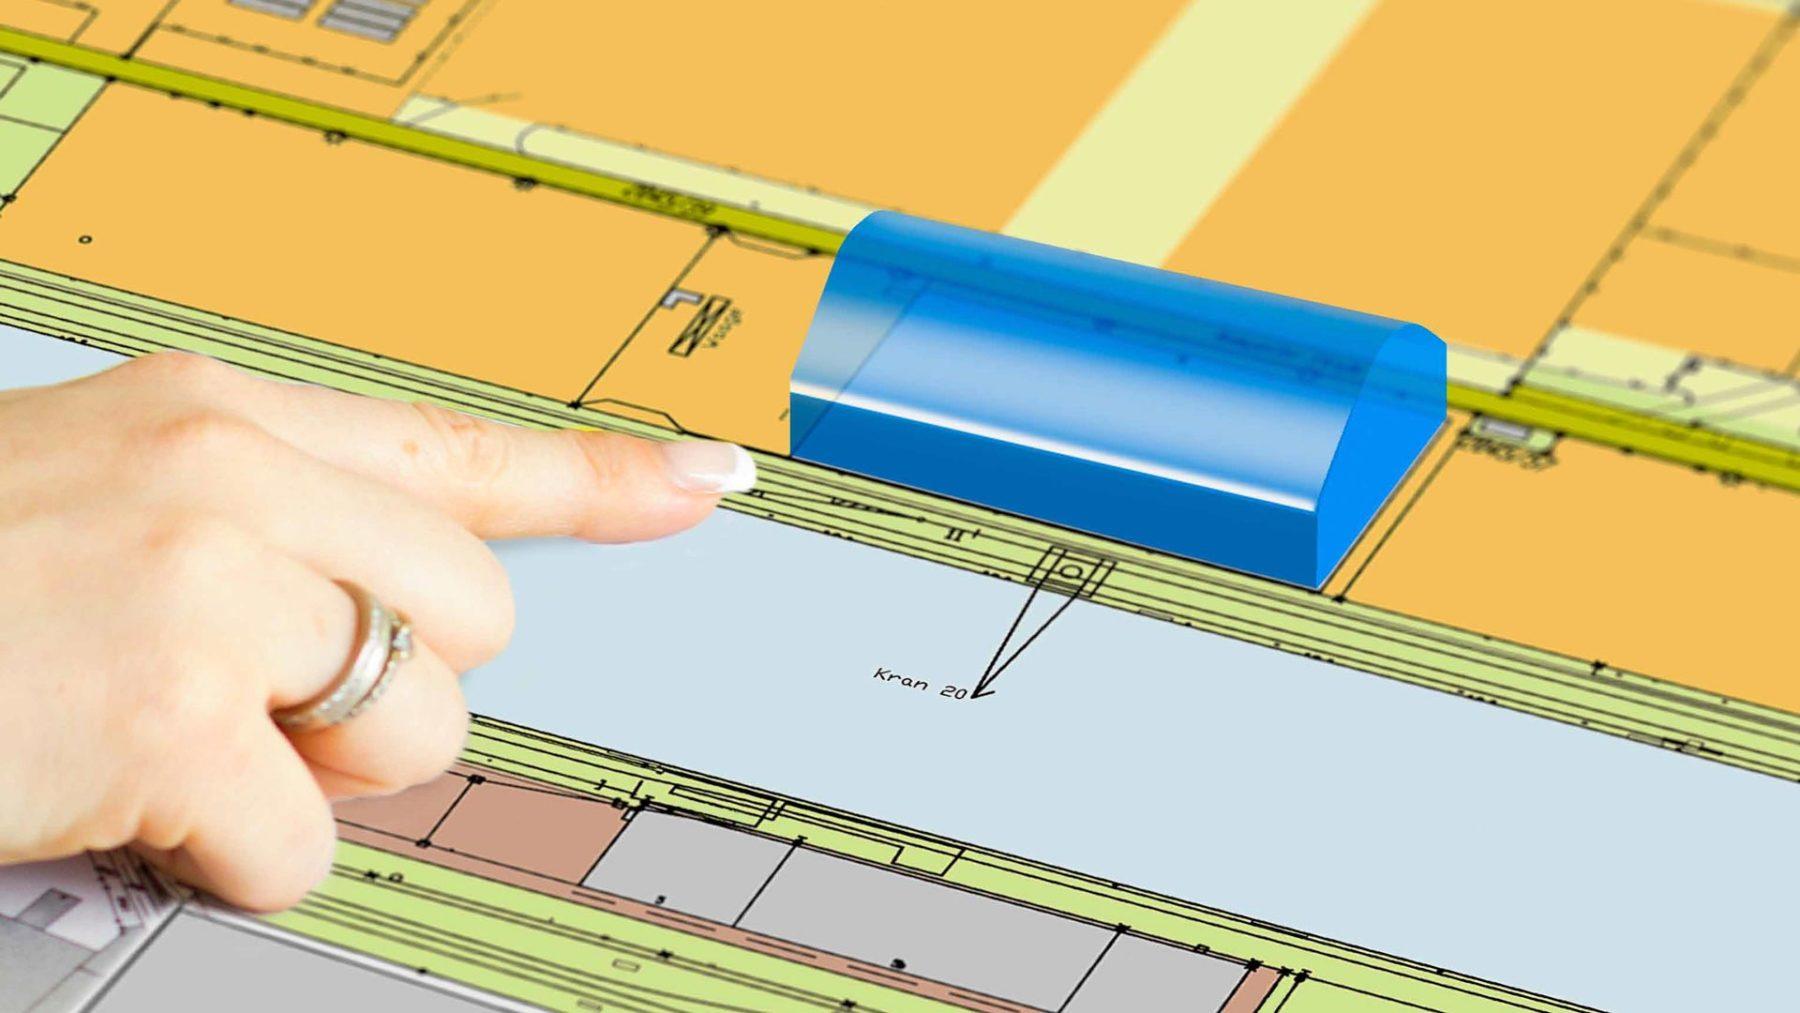 Finger deutet auf Virtuelle Halle in einem Bauplan